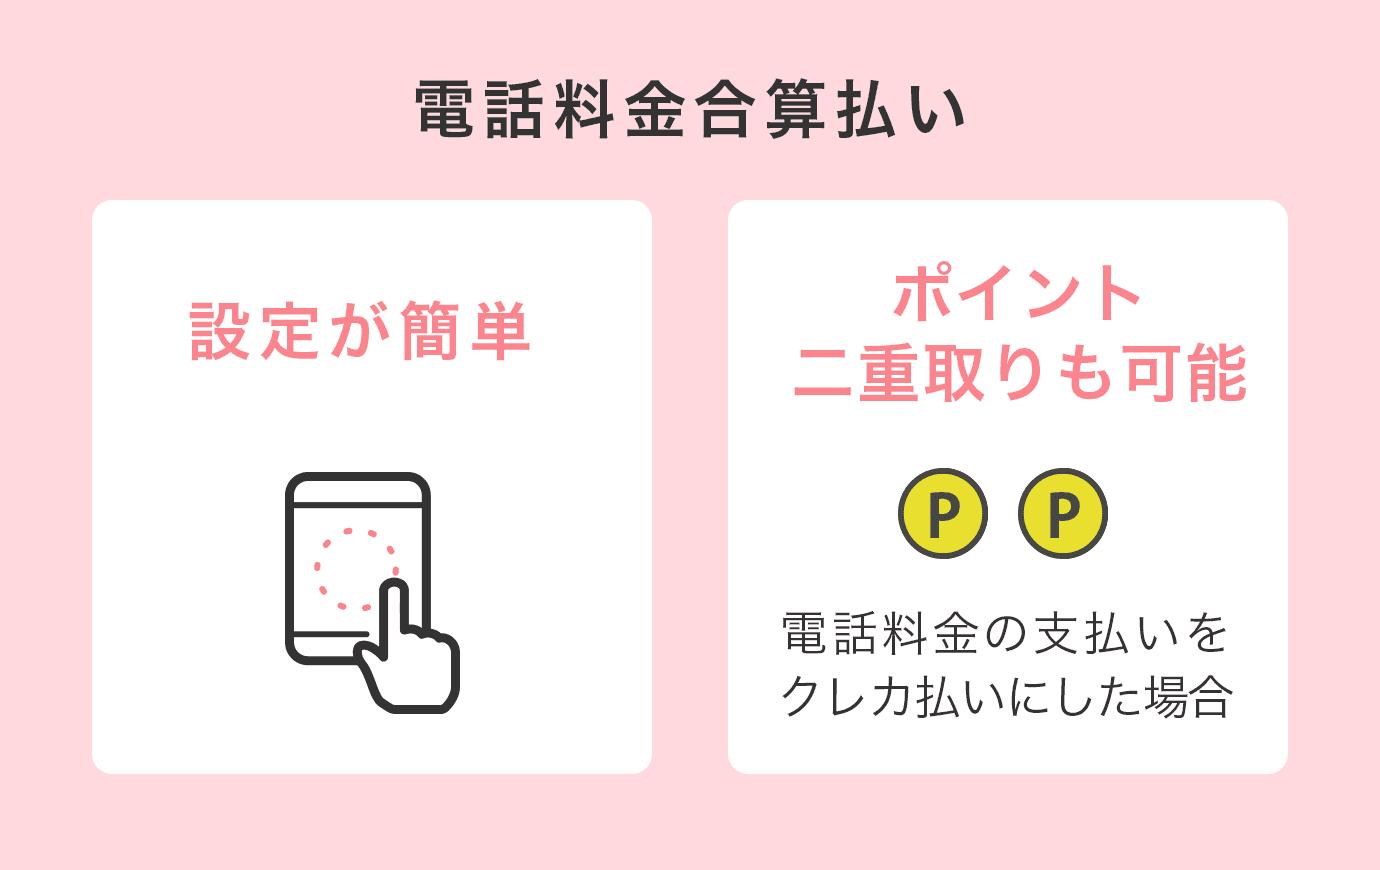 料金 合算 払い 電話 【d払い】利用できる限度額の確認方法、上限の変更方法